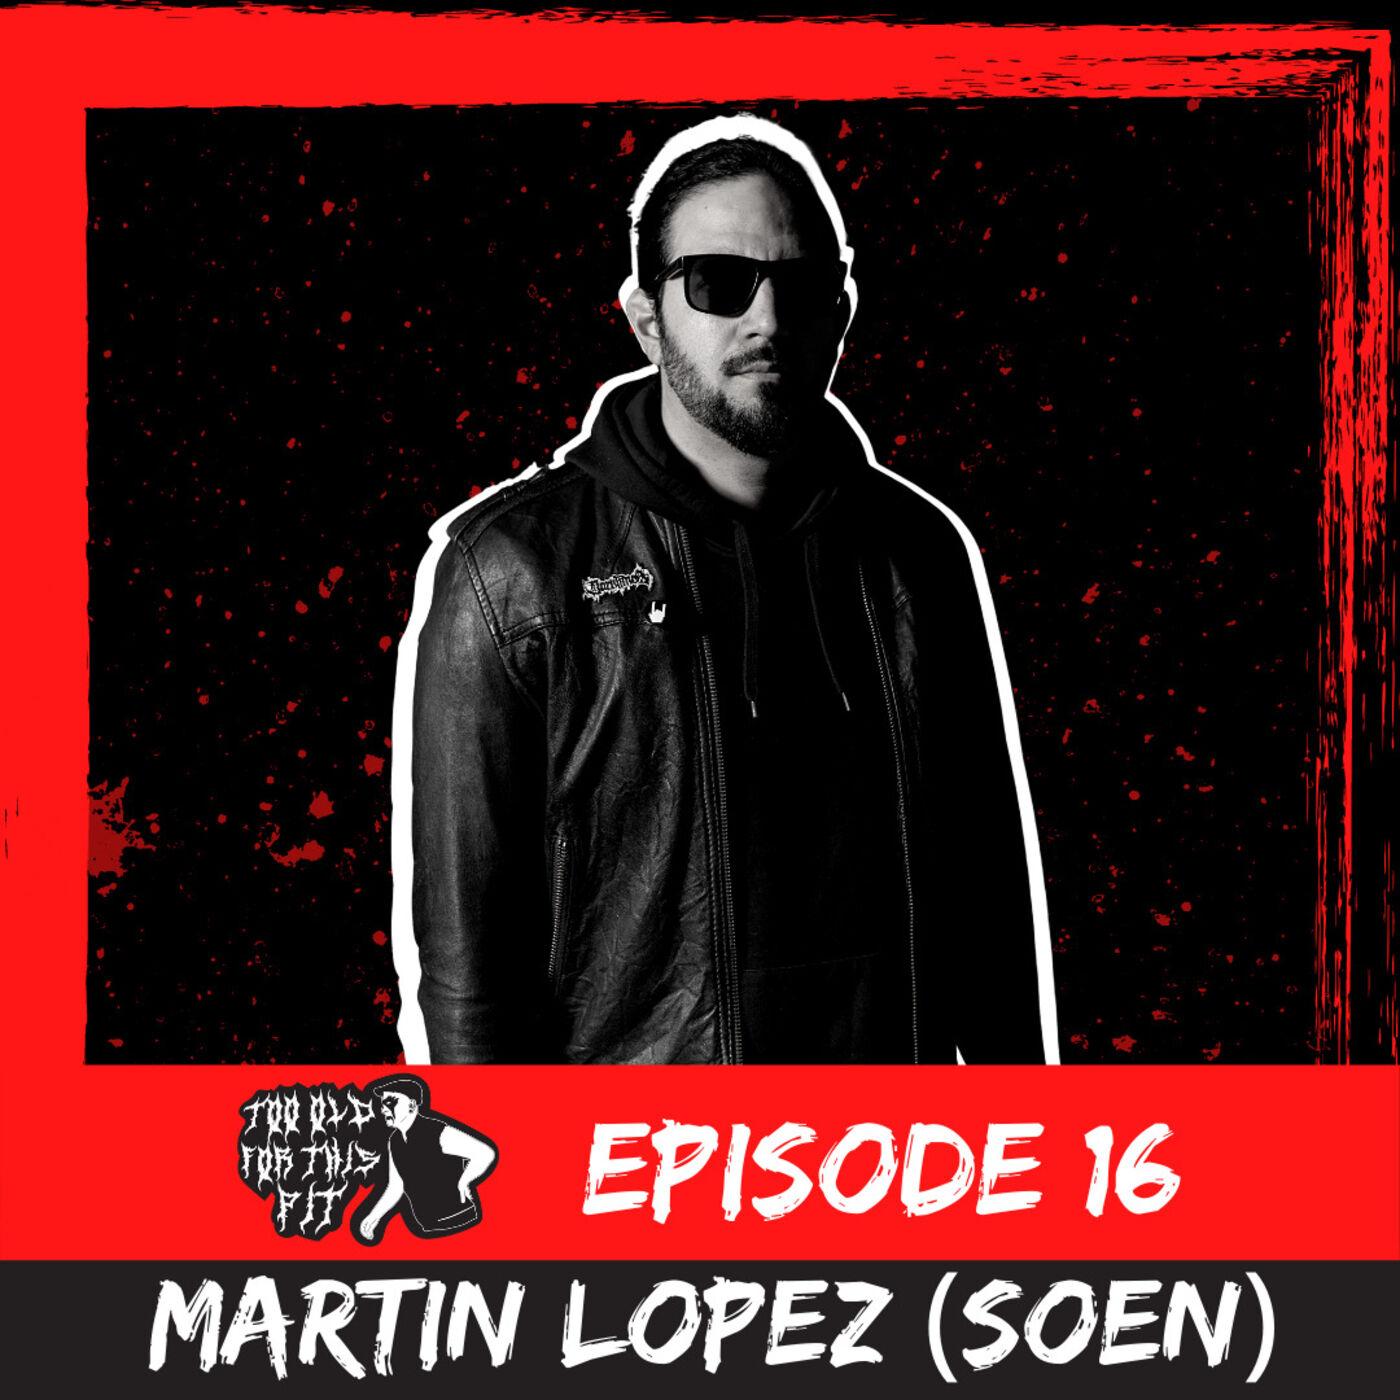 Episode 16 - Martin Lopez (Soen)